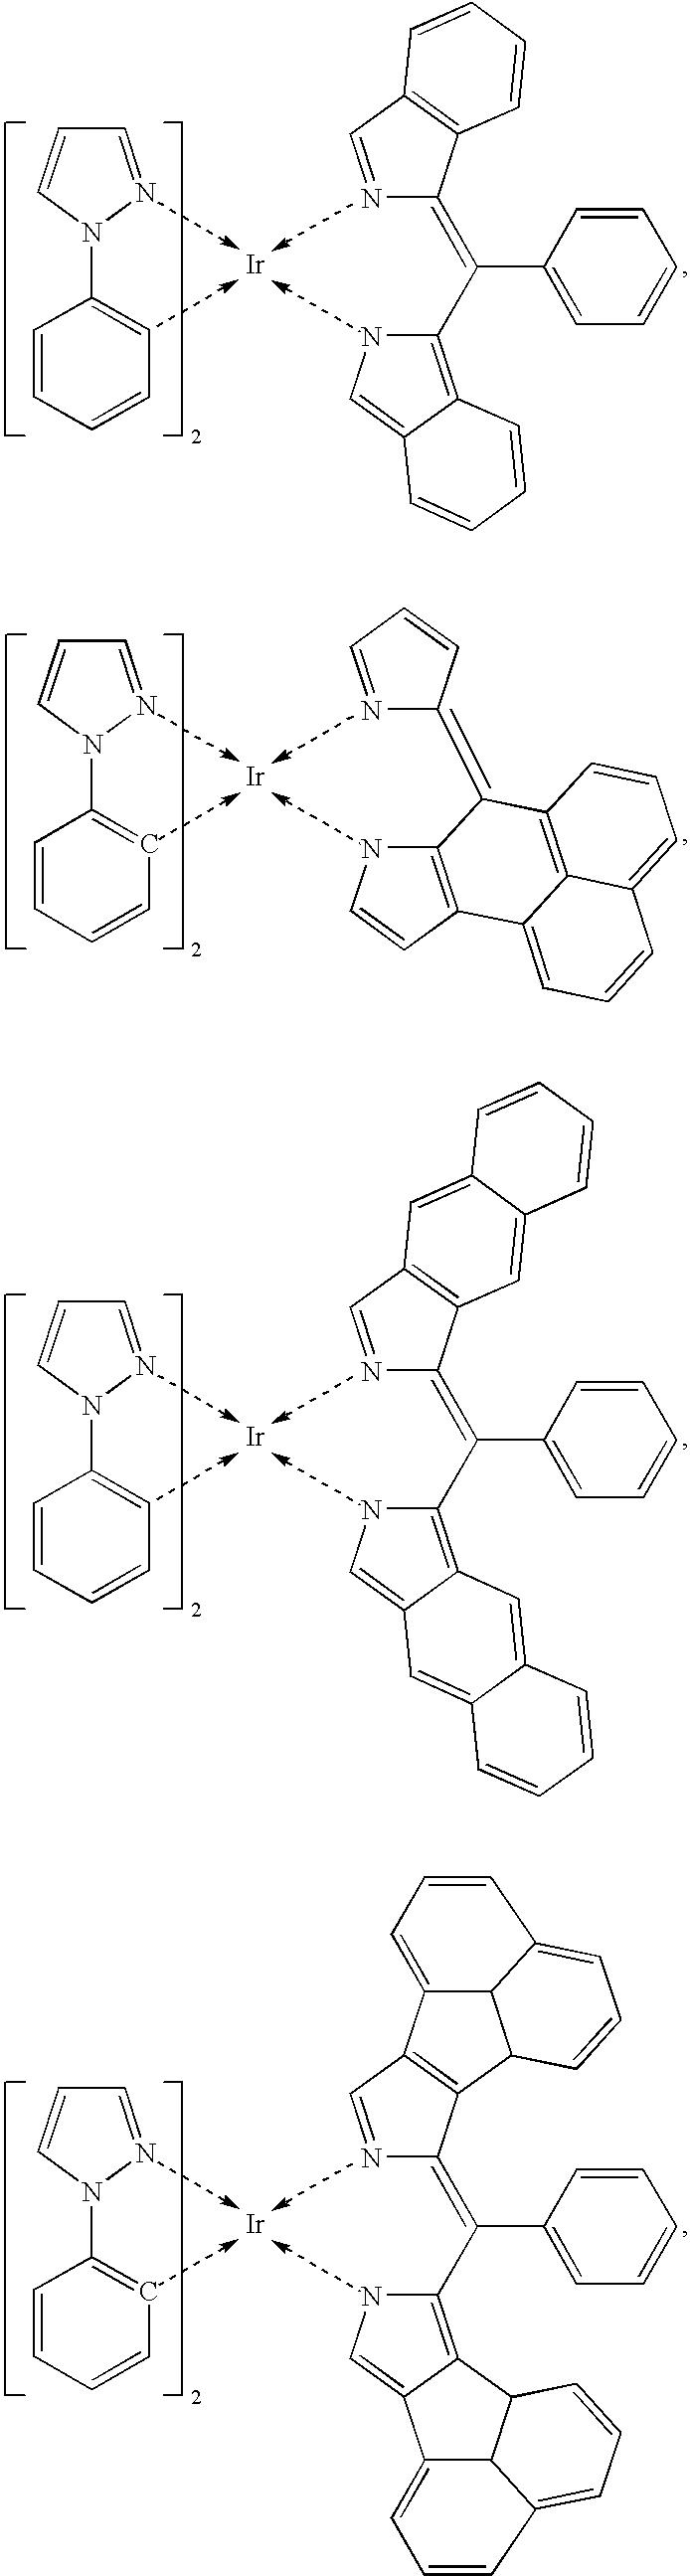 Figure US20080061681A1-20080313-C00042